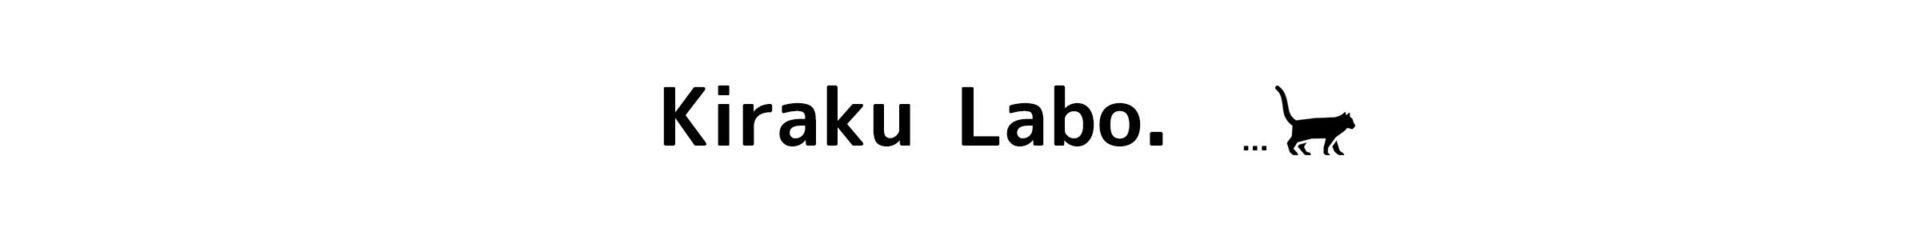 キラクラボ Kiraku Labo | HSP情報発信メディア